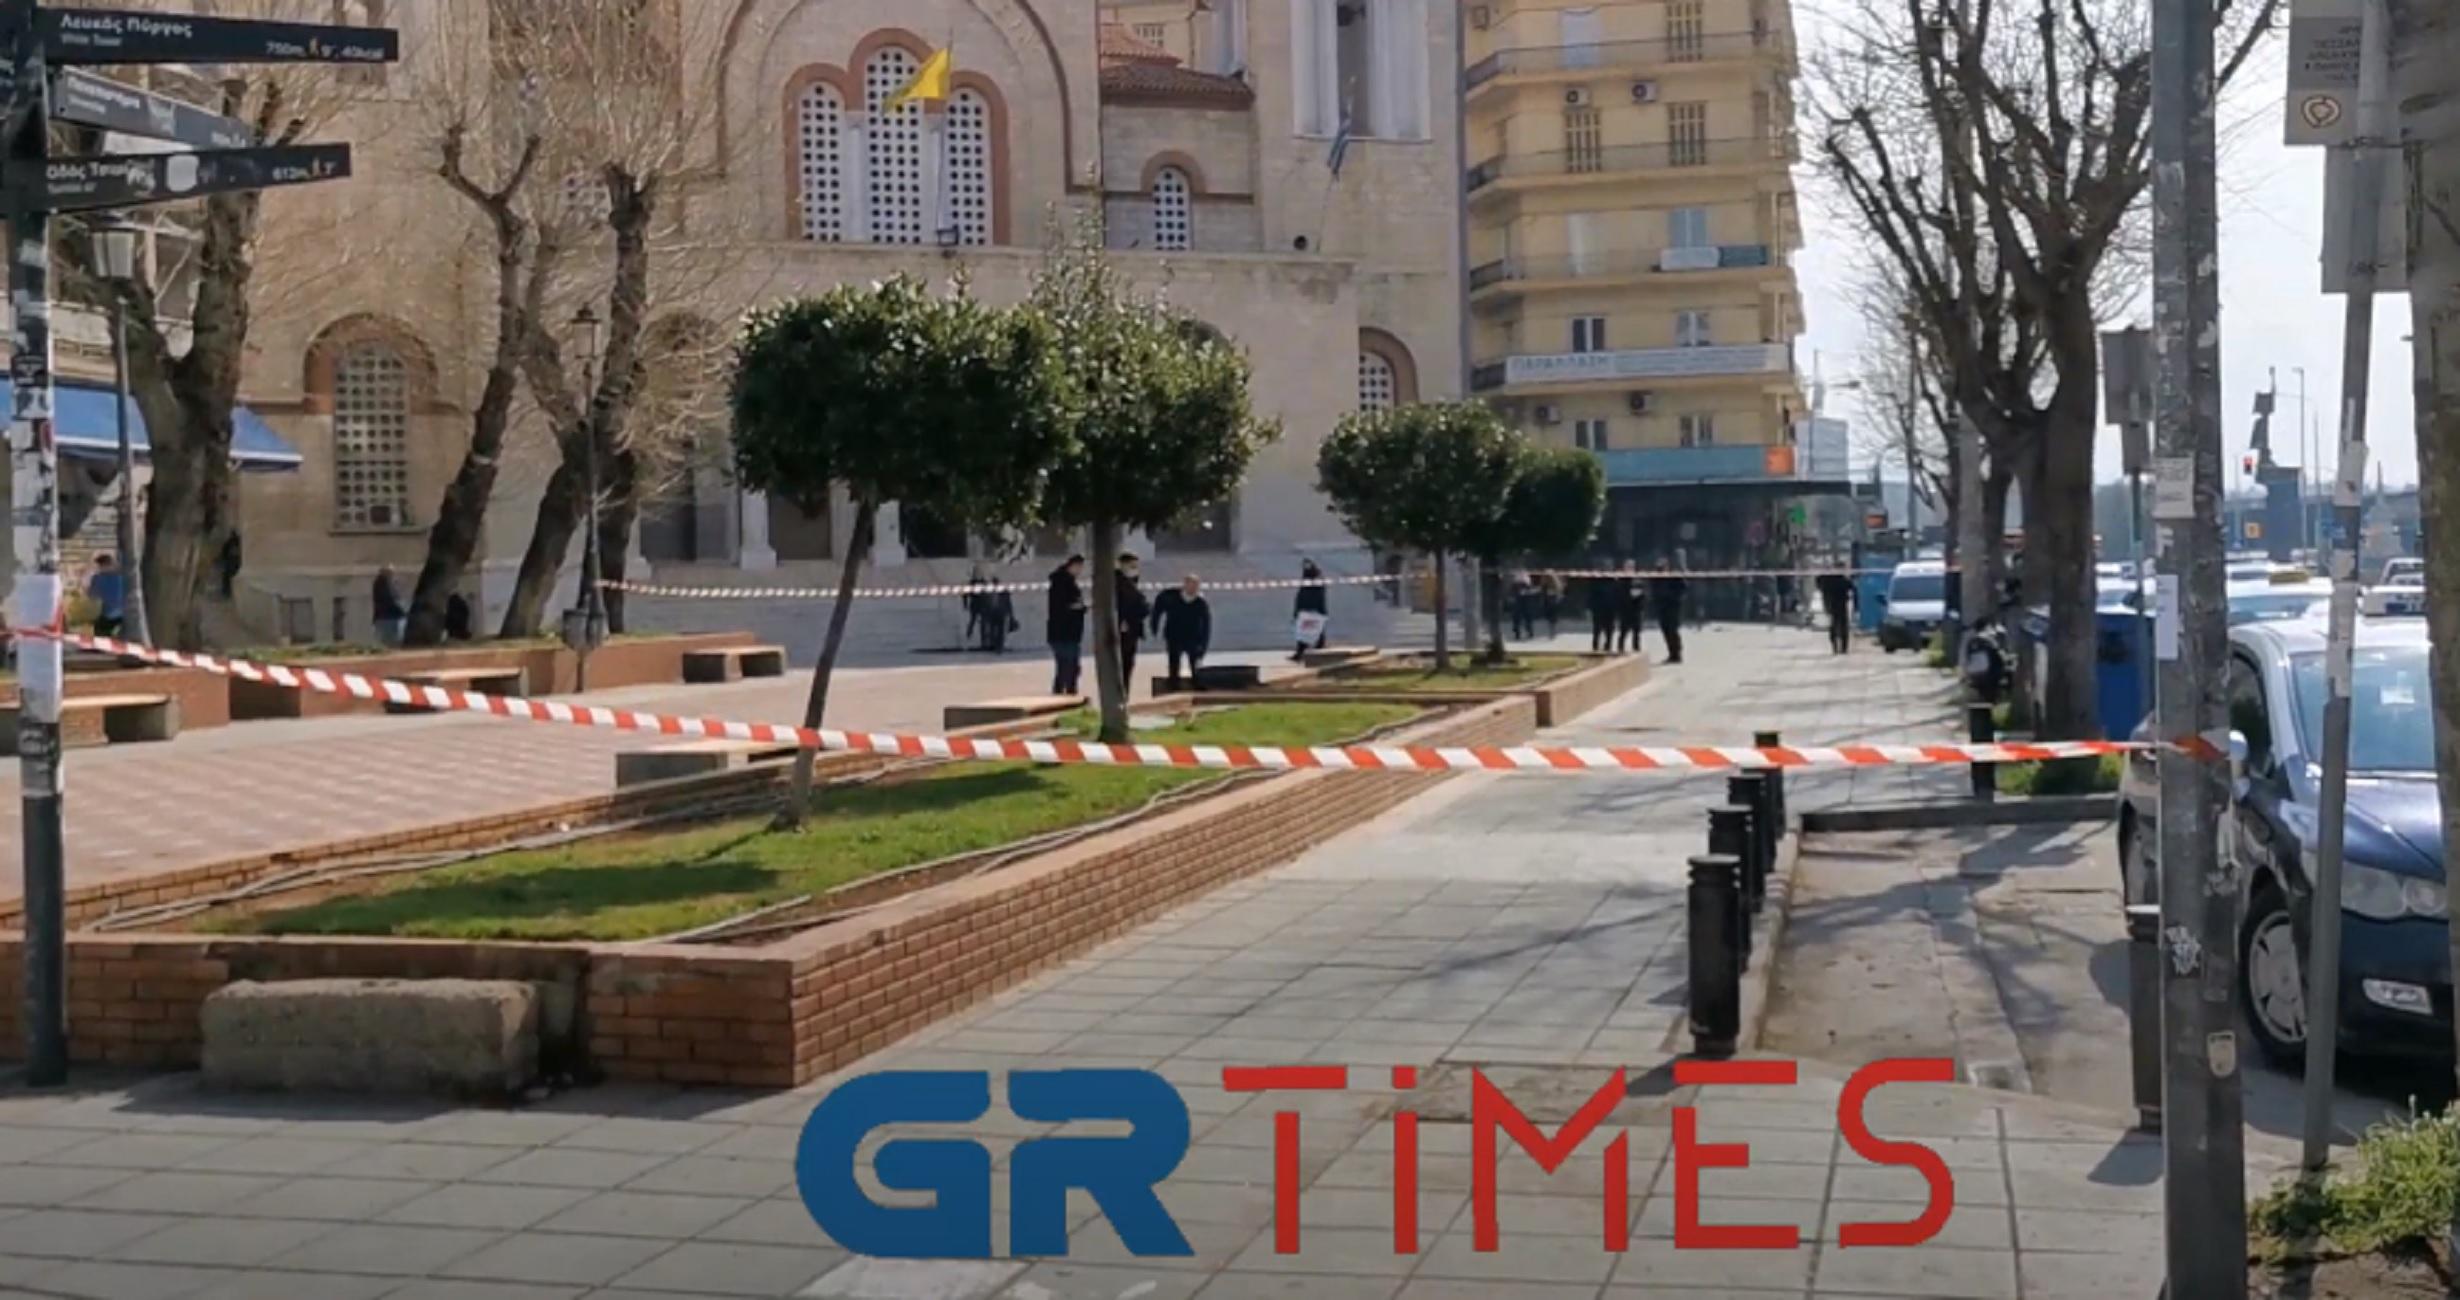 Θεσσαλονίκη: Λύθηκε το μυστήριο για τη βαλίτσα που βρέθηκε σε παγκάκι – Τι έκρυβε μέσα της (video)